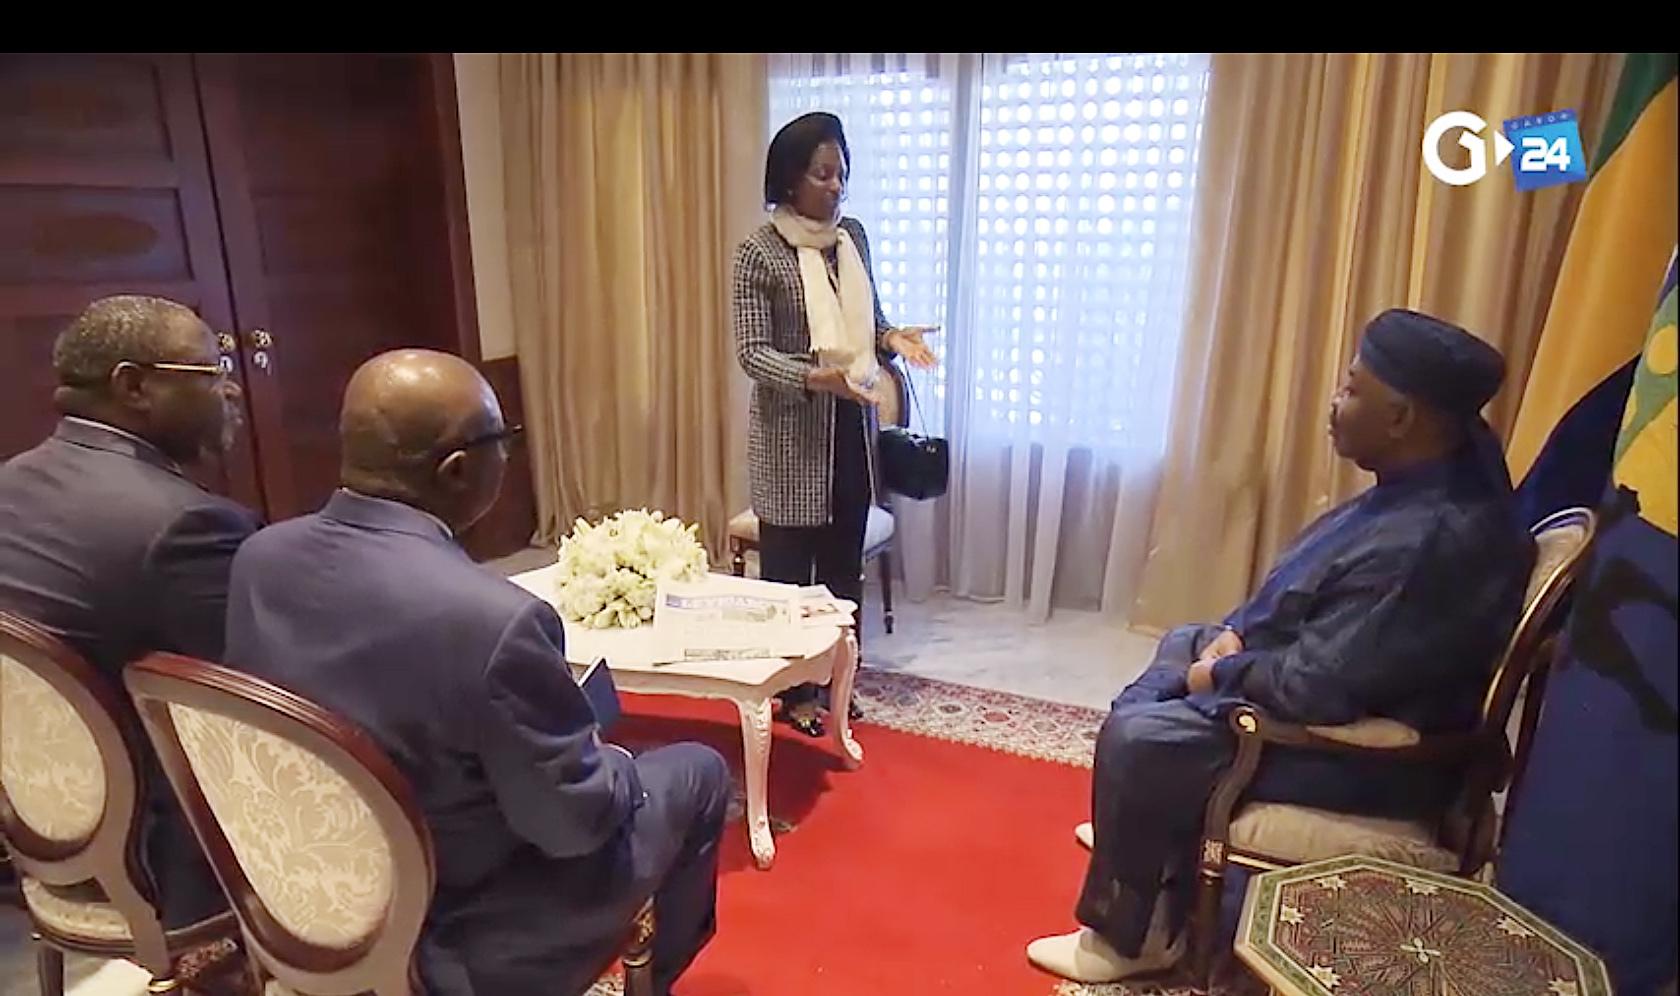 Le vice-président, le Premier ministre et la présidente de la Cour constitutionnelle du Gabon se sont rendus au chevet d'Ali Bongo Ondimba (ABO) le 4 décembre.